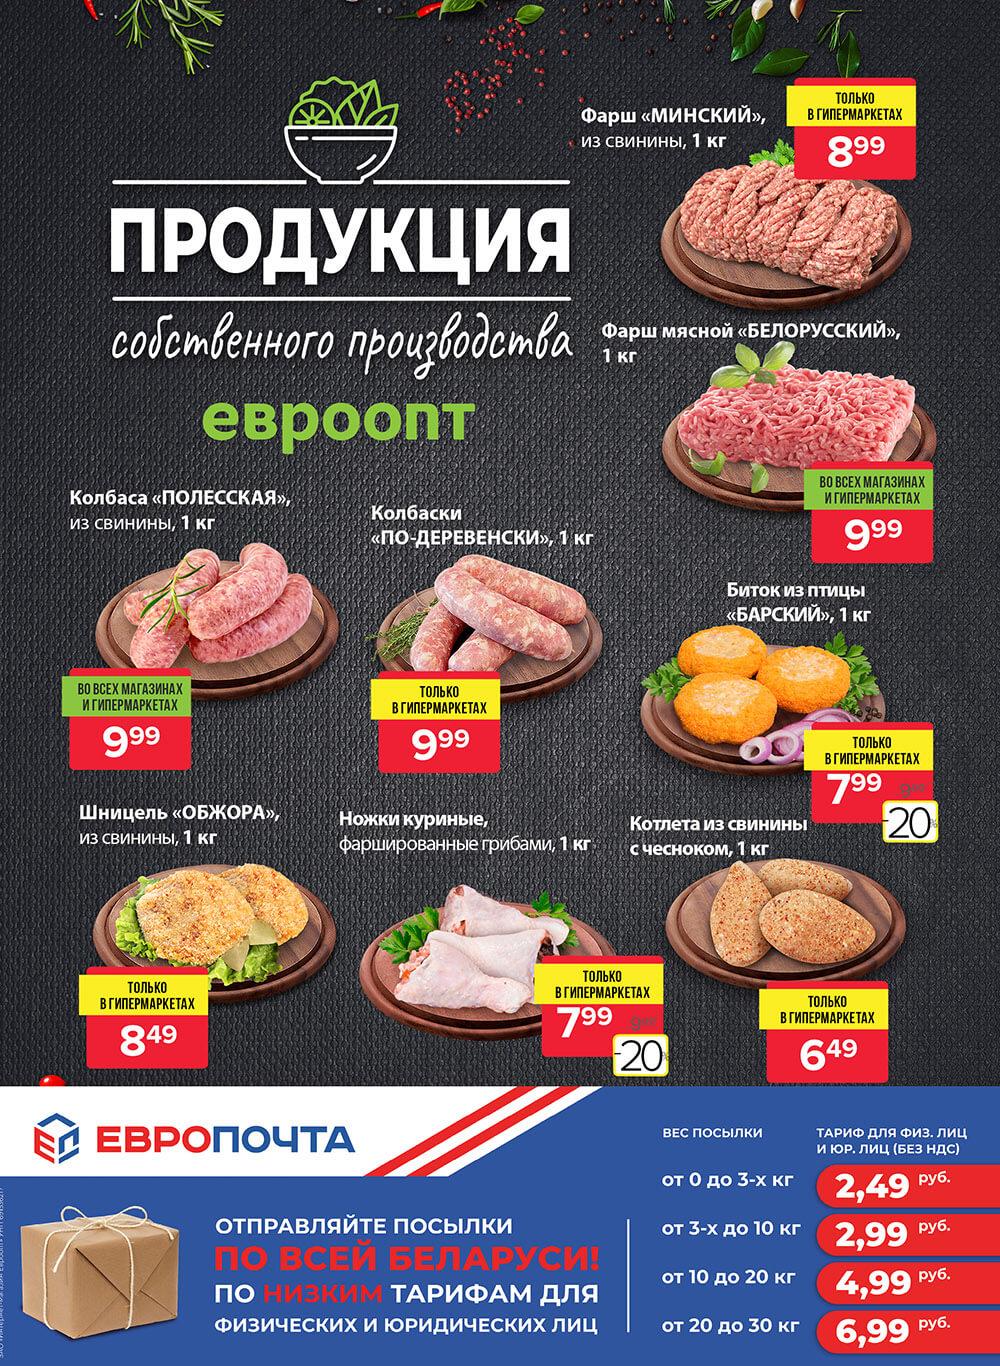 Красная цена на собственное производство в евроопт